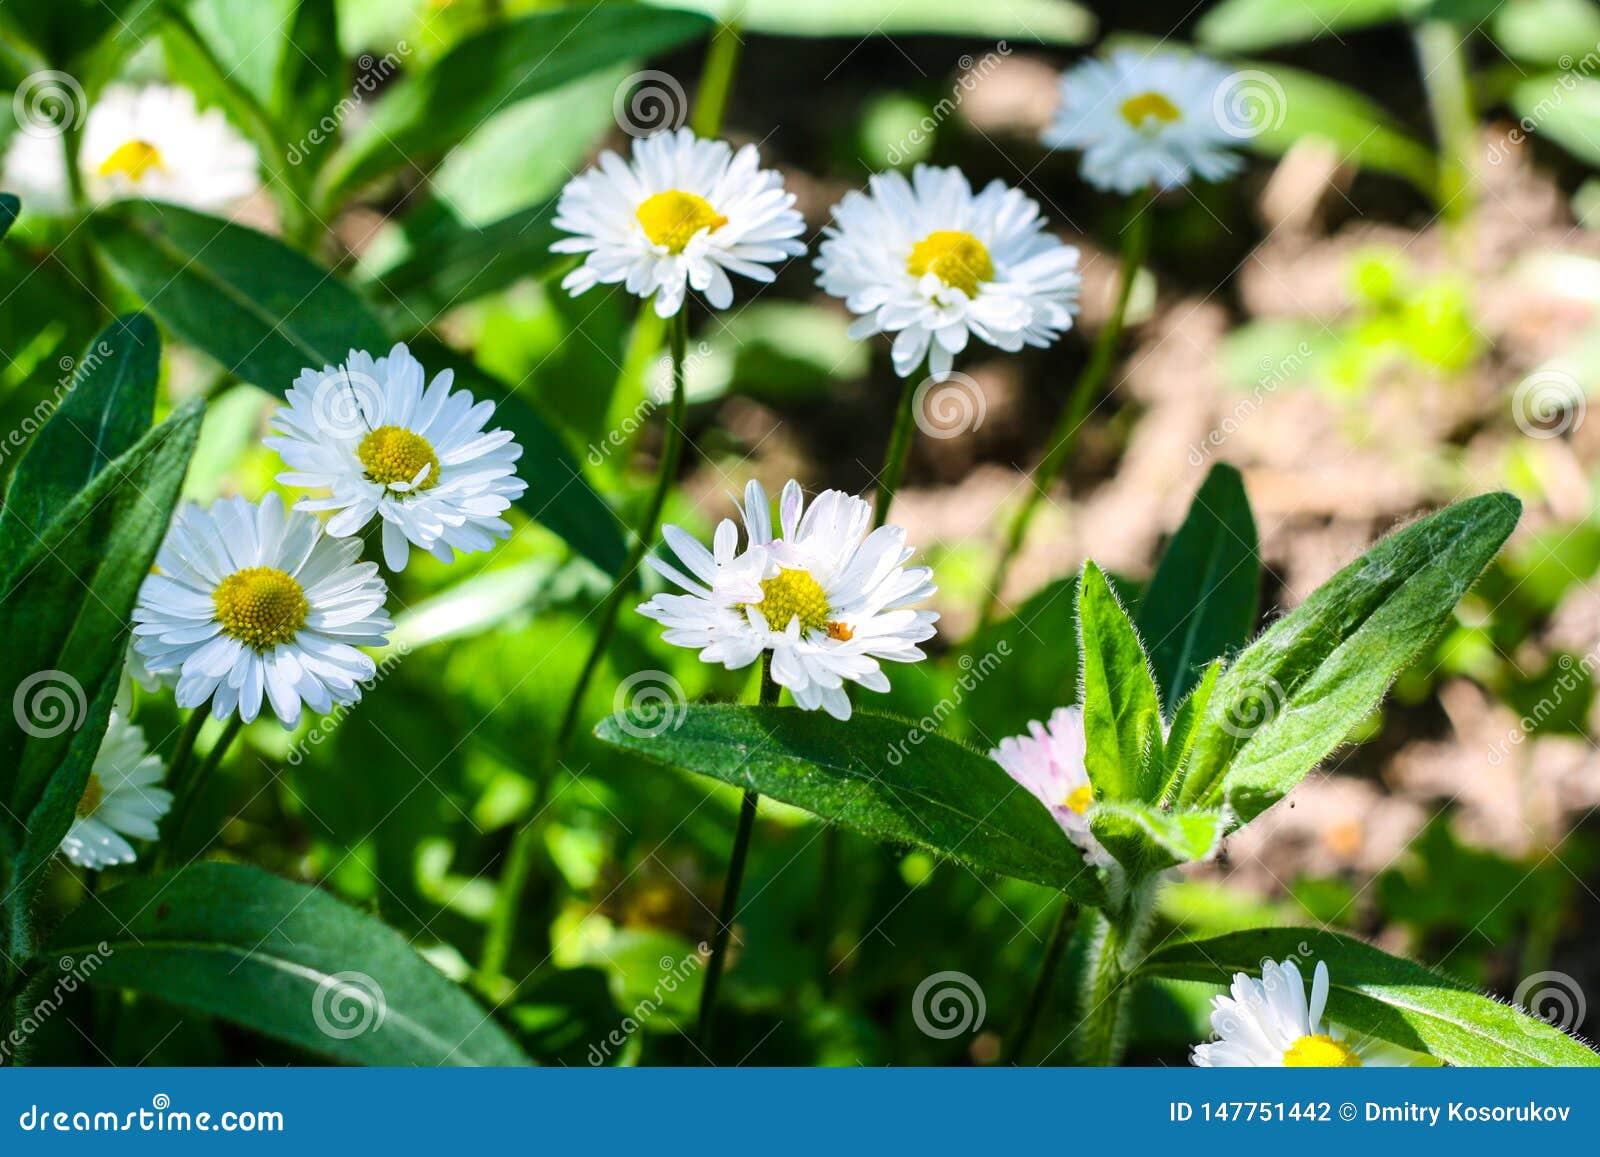 Beaucoup de marguerites blanches au soleil